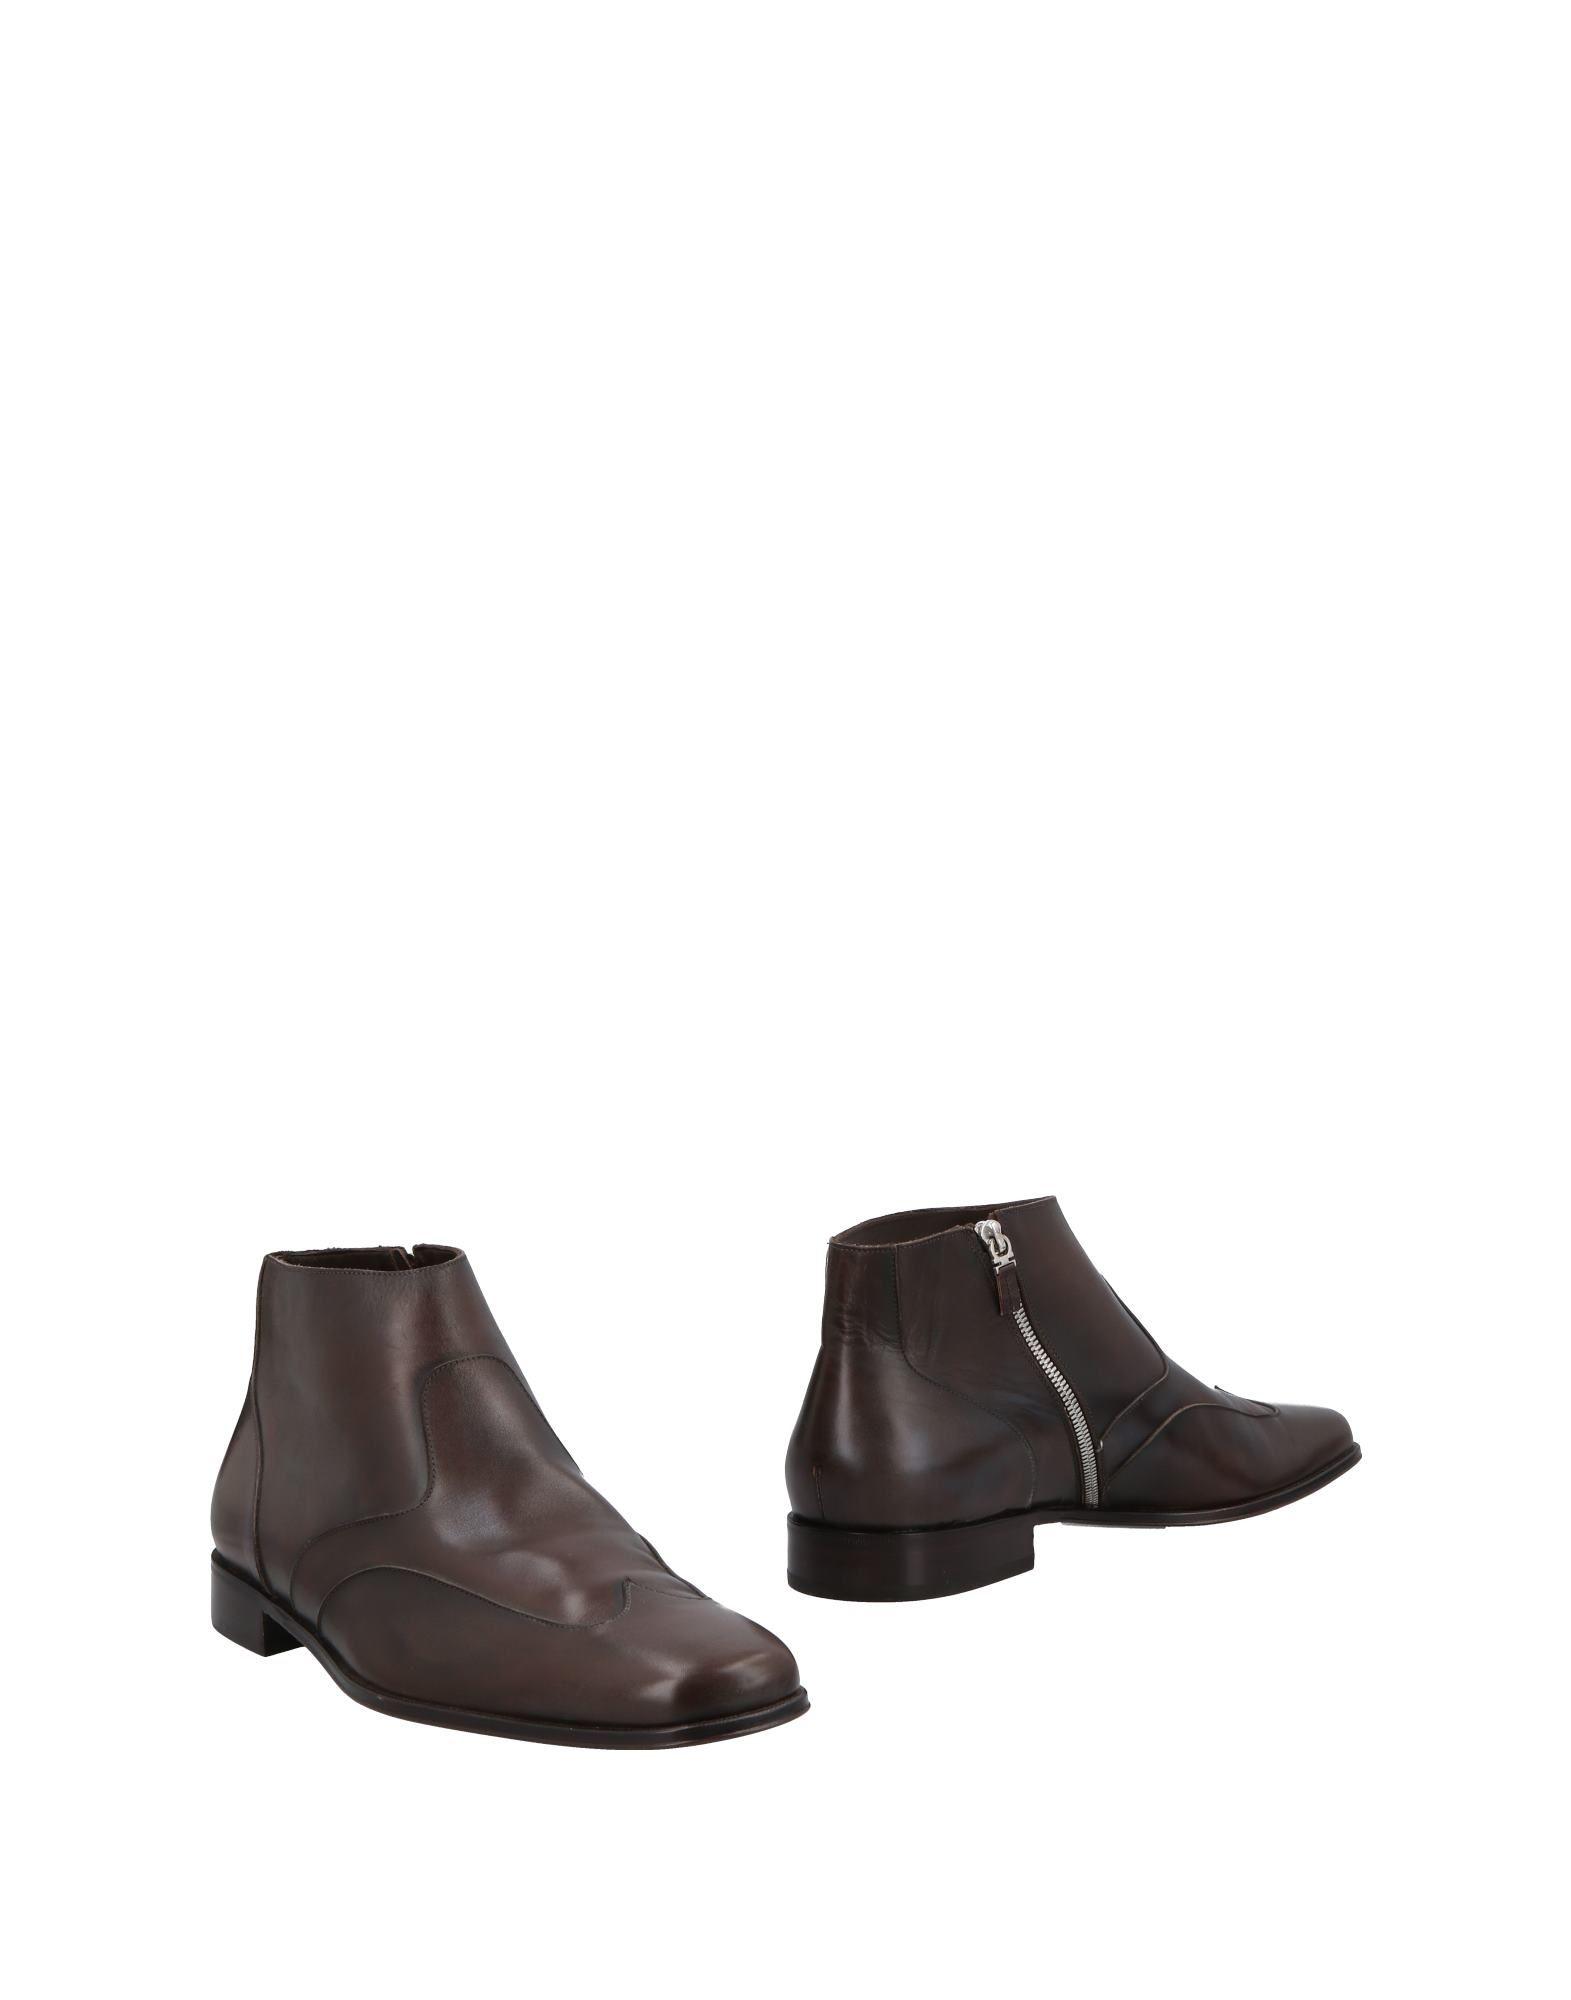 Salvatore Ferragamo Stiefelette Herren  11490734HH Gute Qualität beliebte Schuhe